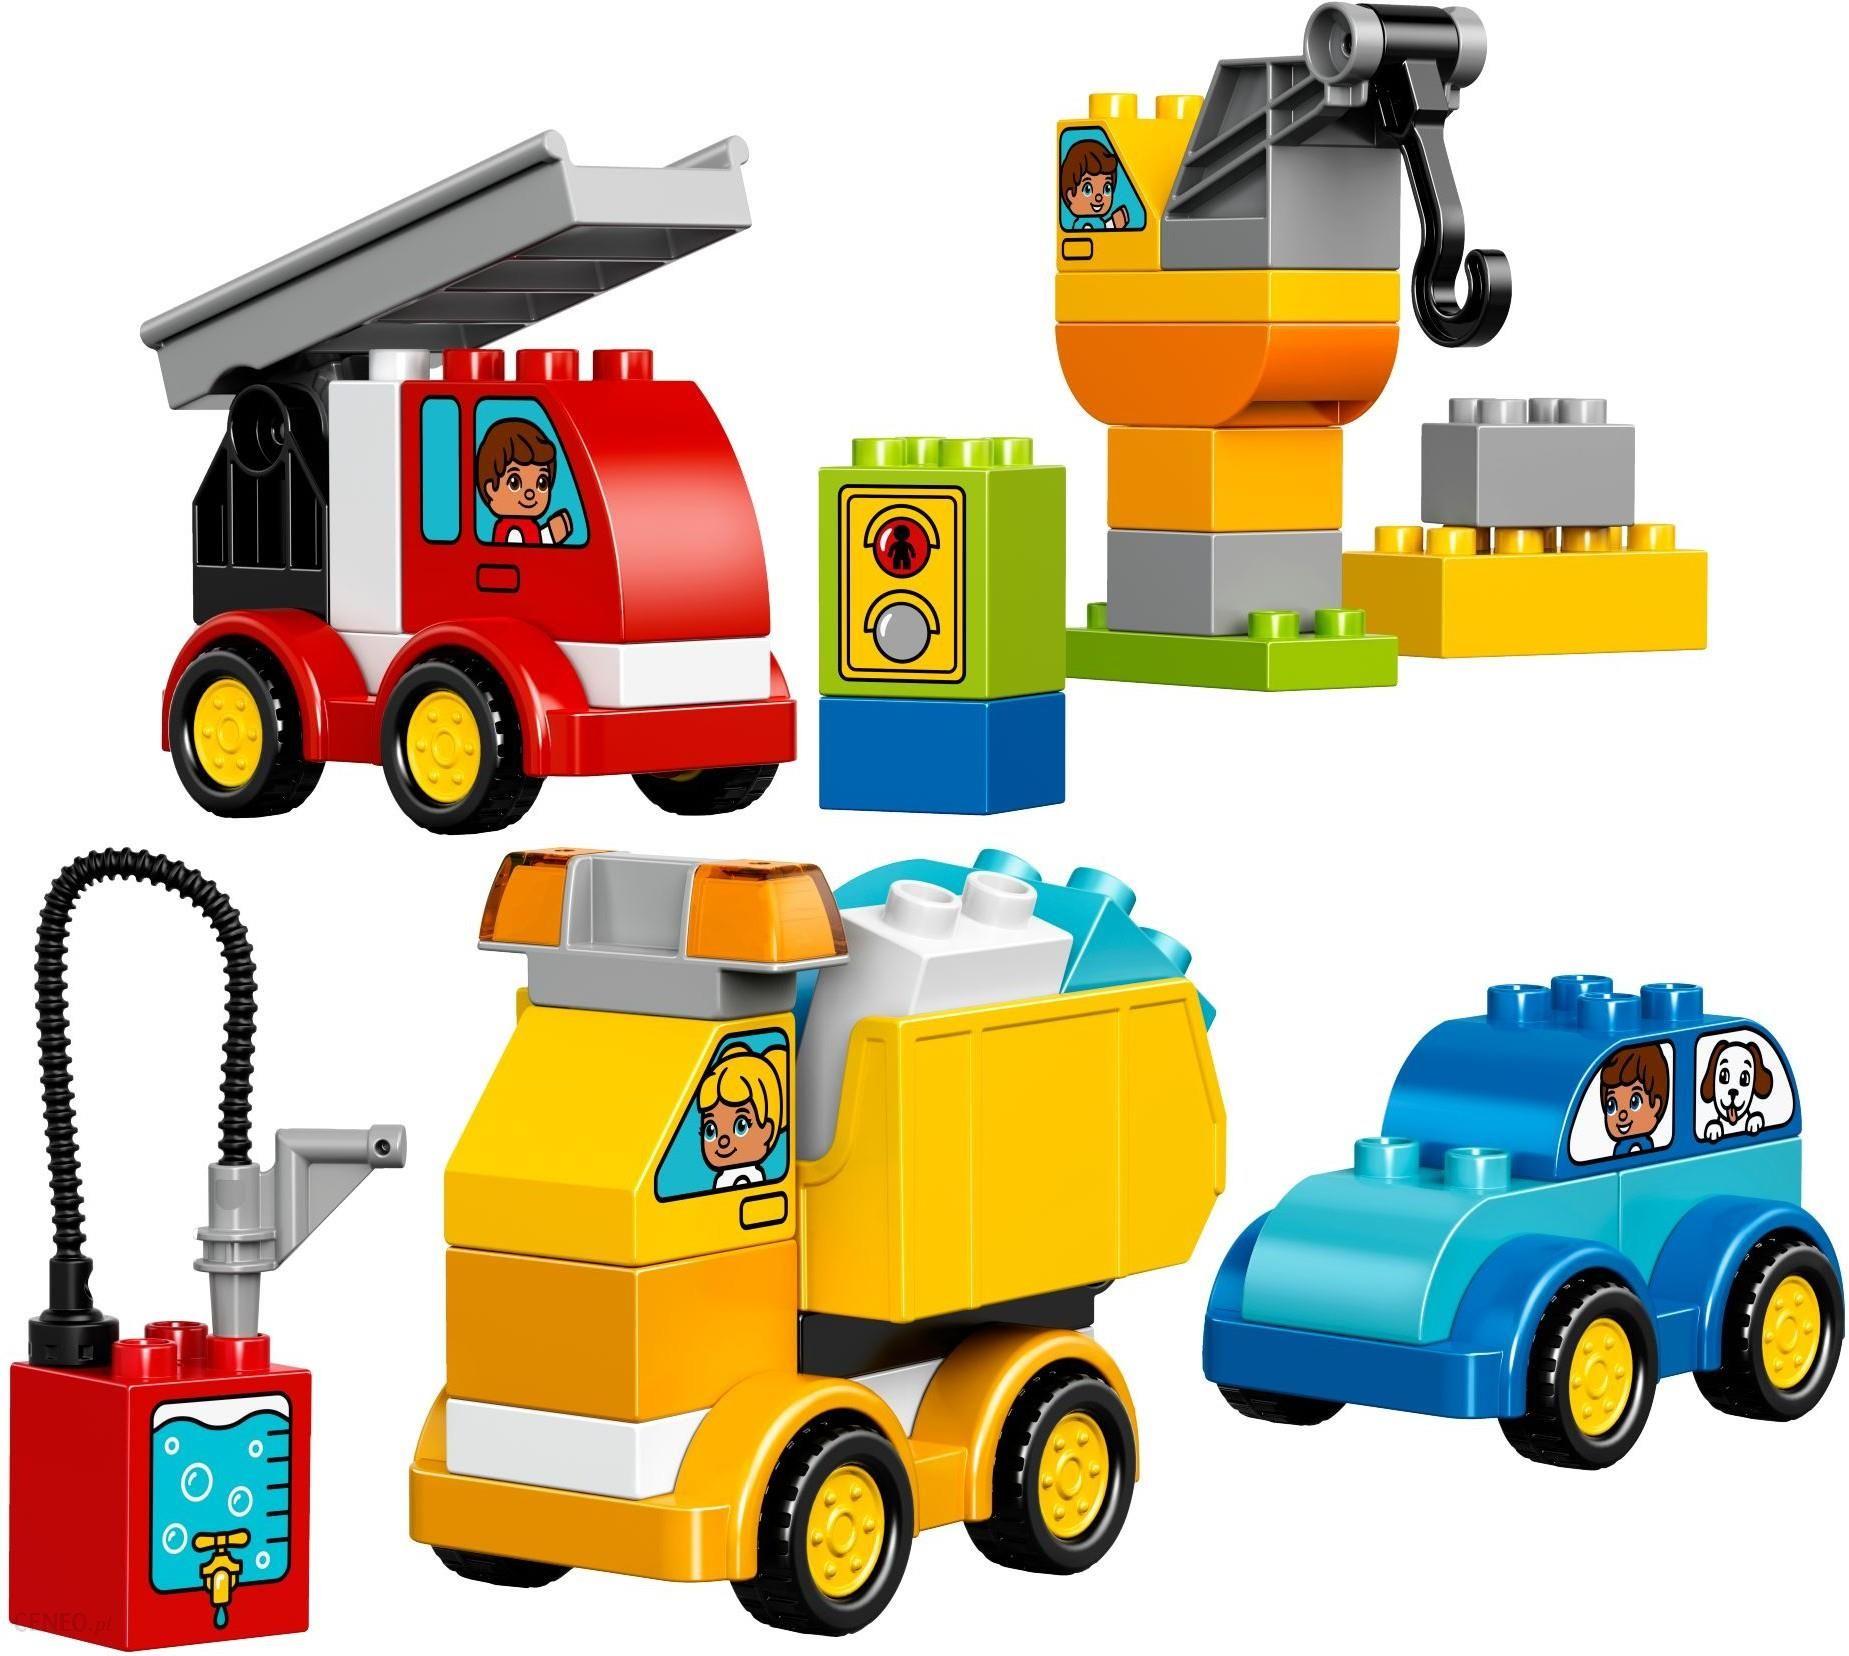 Klocki Lego Duplo Moje Pierwsze Pojazdy 10816 Ceny I Opinie Ceneopl